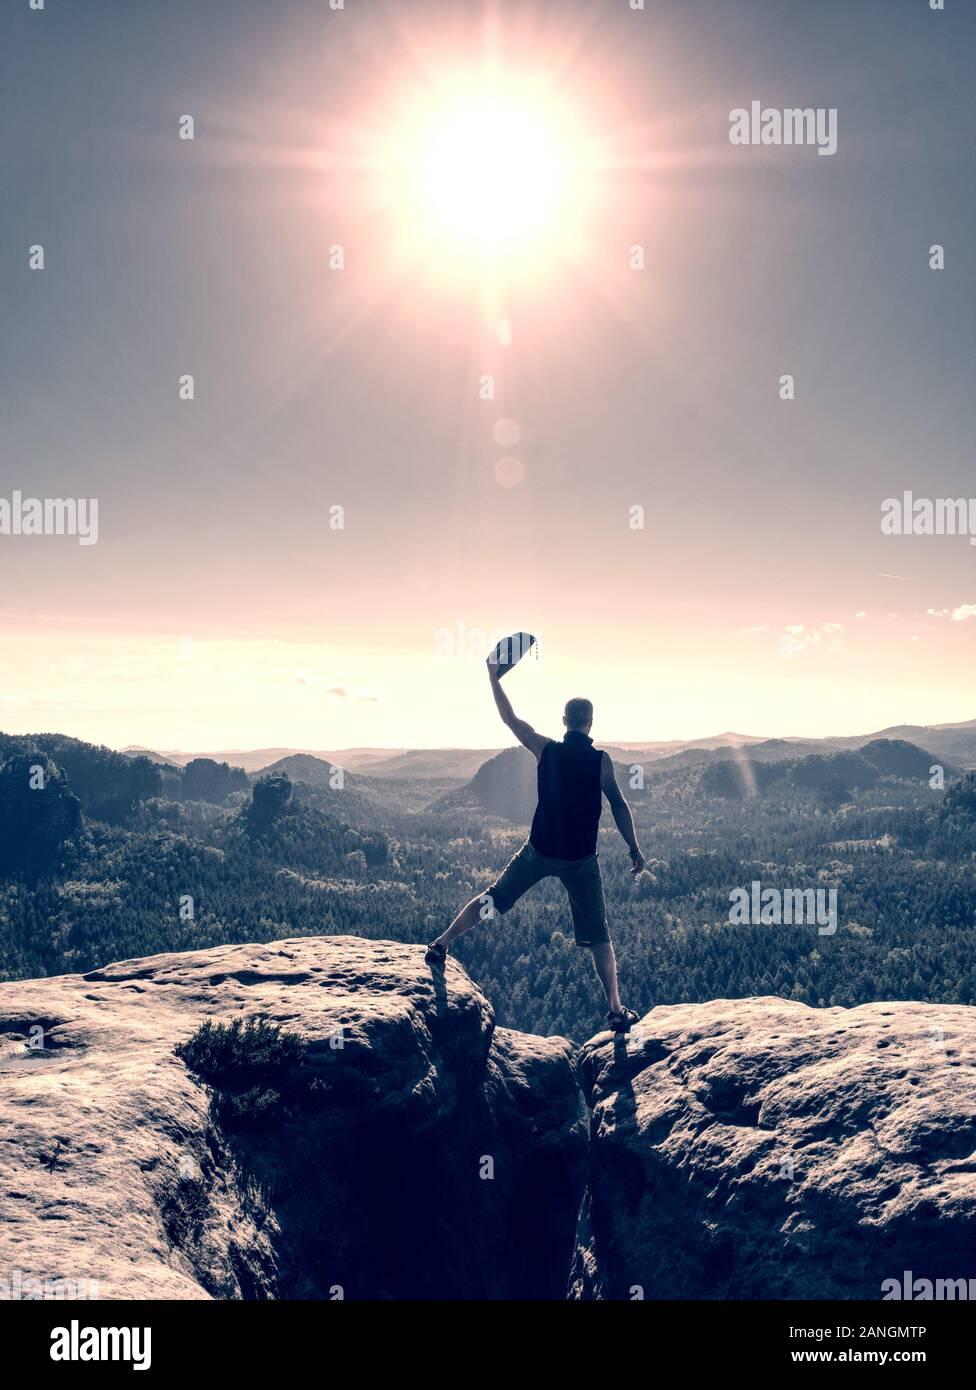 El hombre con el brazo estirado celebrando inspirador atardecer en las montañas. Macho excursionista o escalador con manos arriba disfrutar Foto de stock